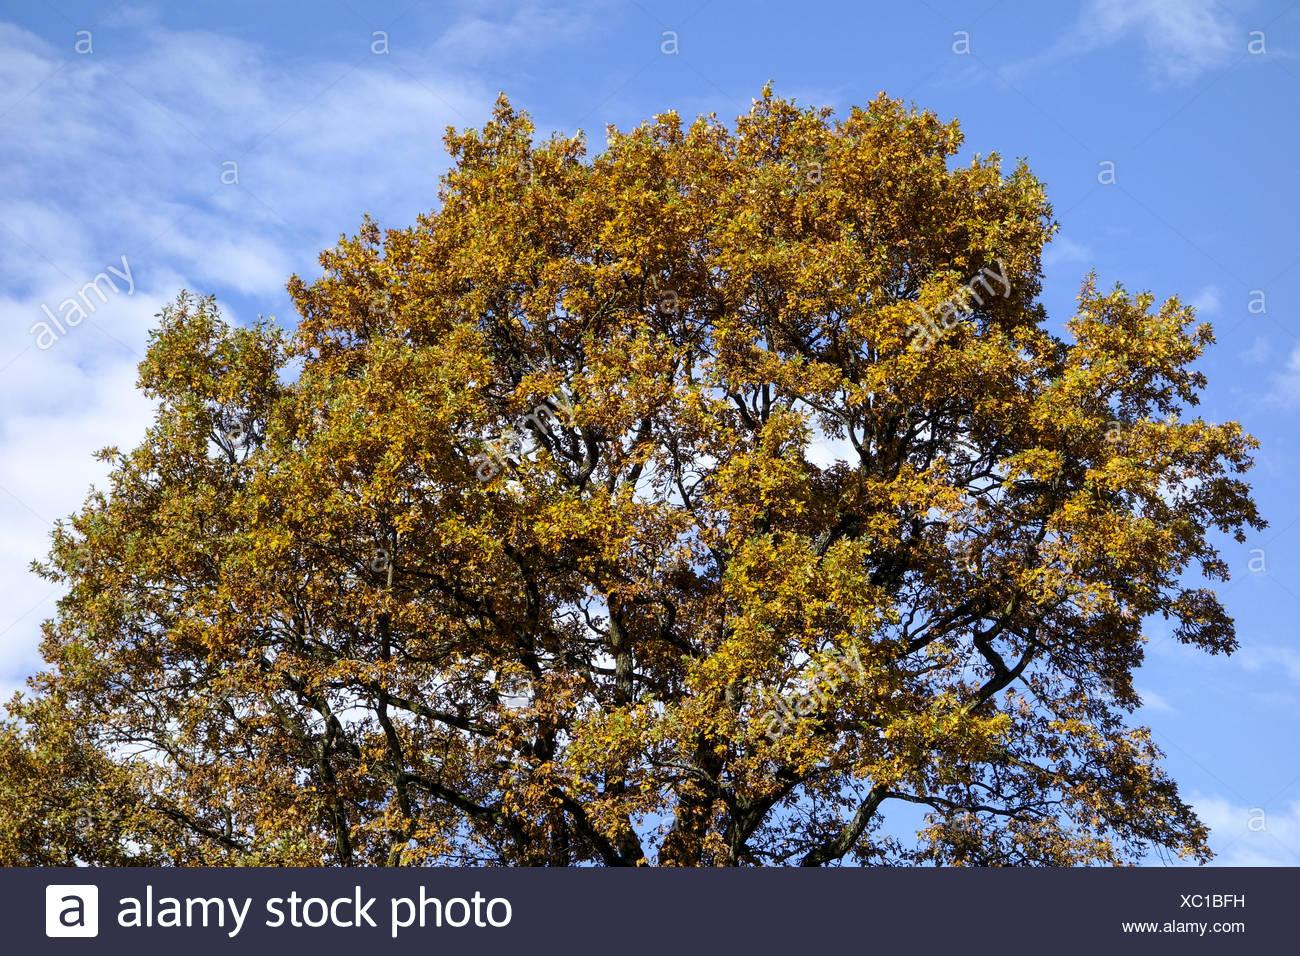 Einzelner Baum, Eiche im Herbst, Single oak tree in autumn, Oak, Tree, Trees, Autumn, Leaves, Autumnal, Season, Landscape, Natur - Stock Image